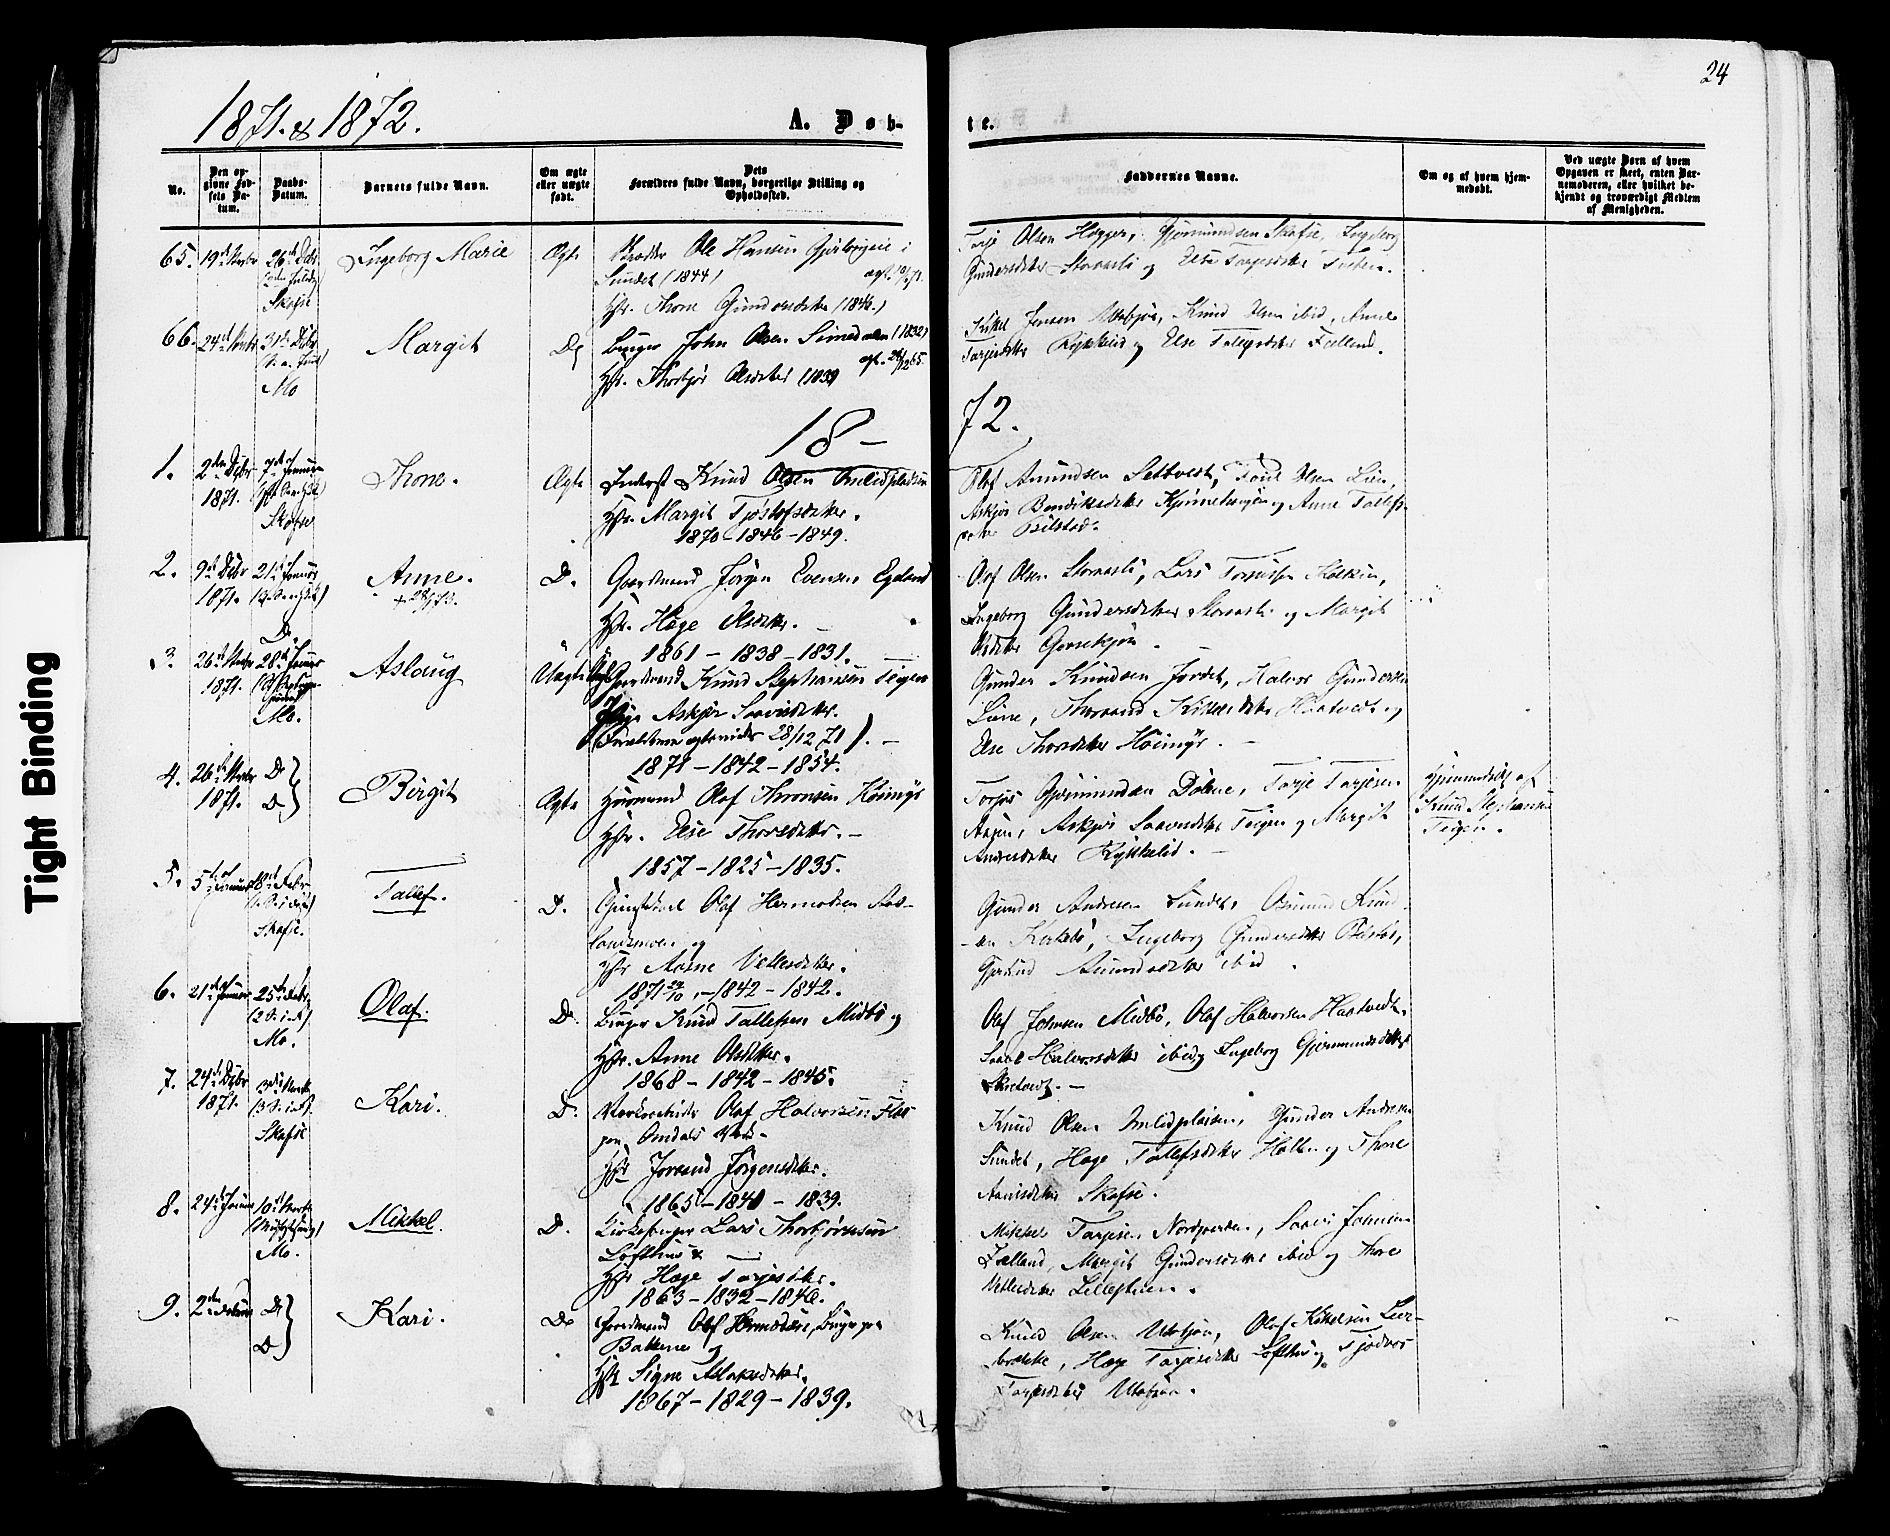 SAKO, Mo kirkebøker, F/Fa/L0006: Ministerialbok nr. I 6, 1865-1885, s. 24